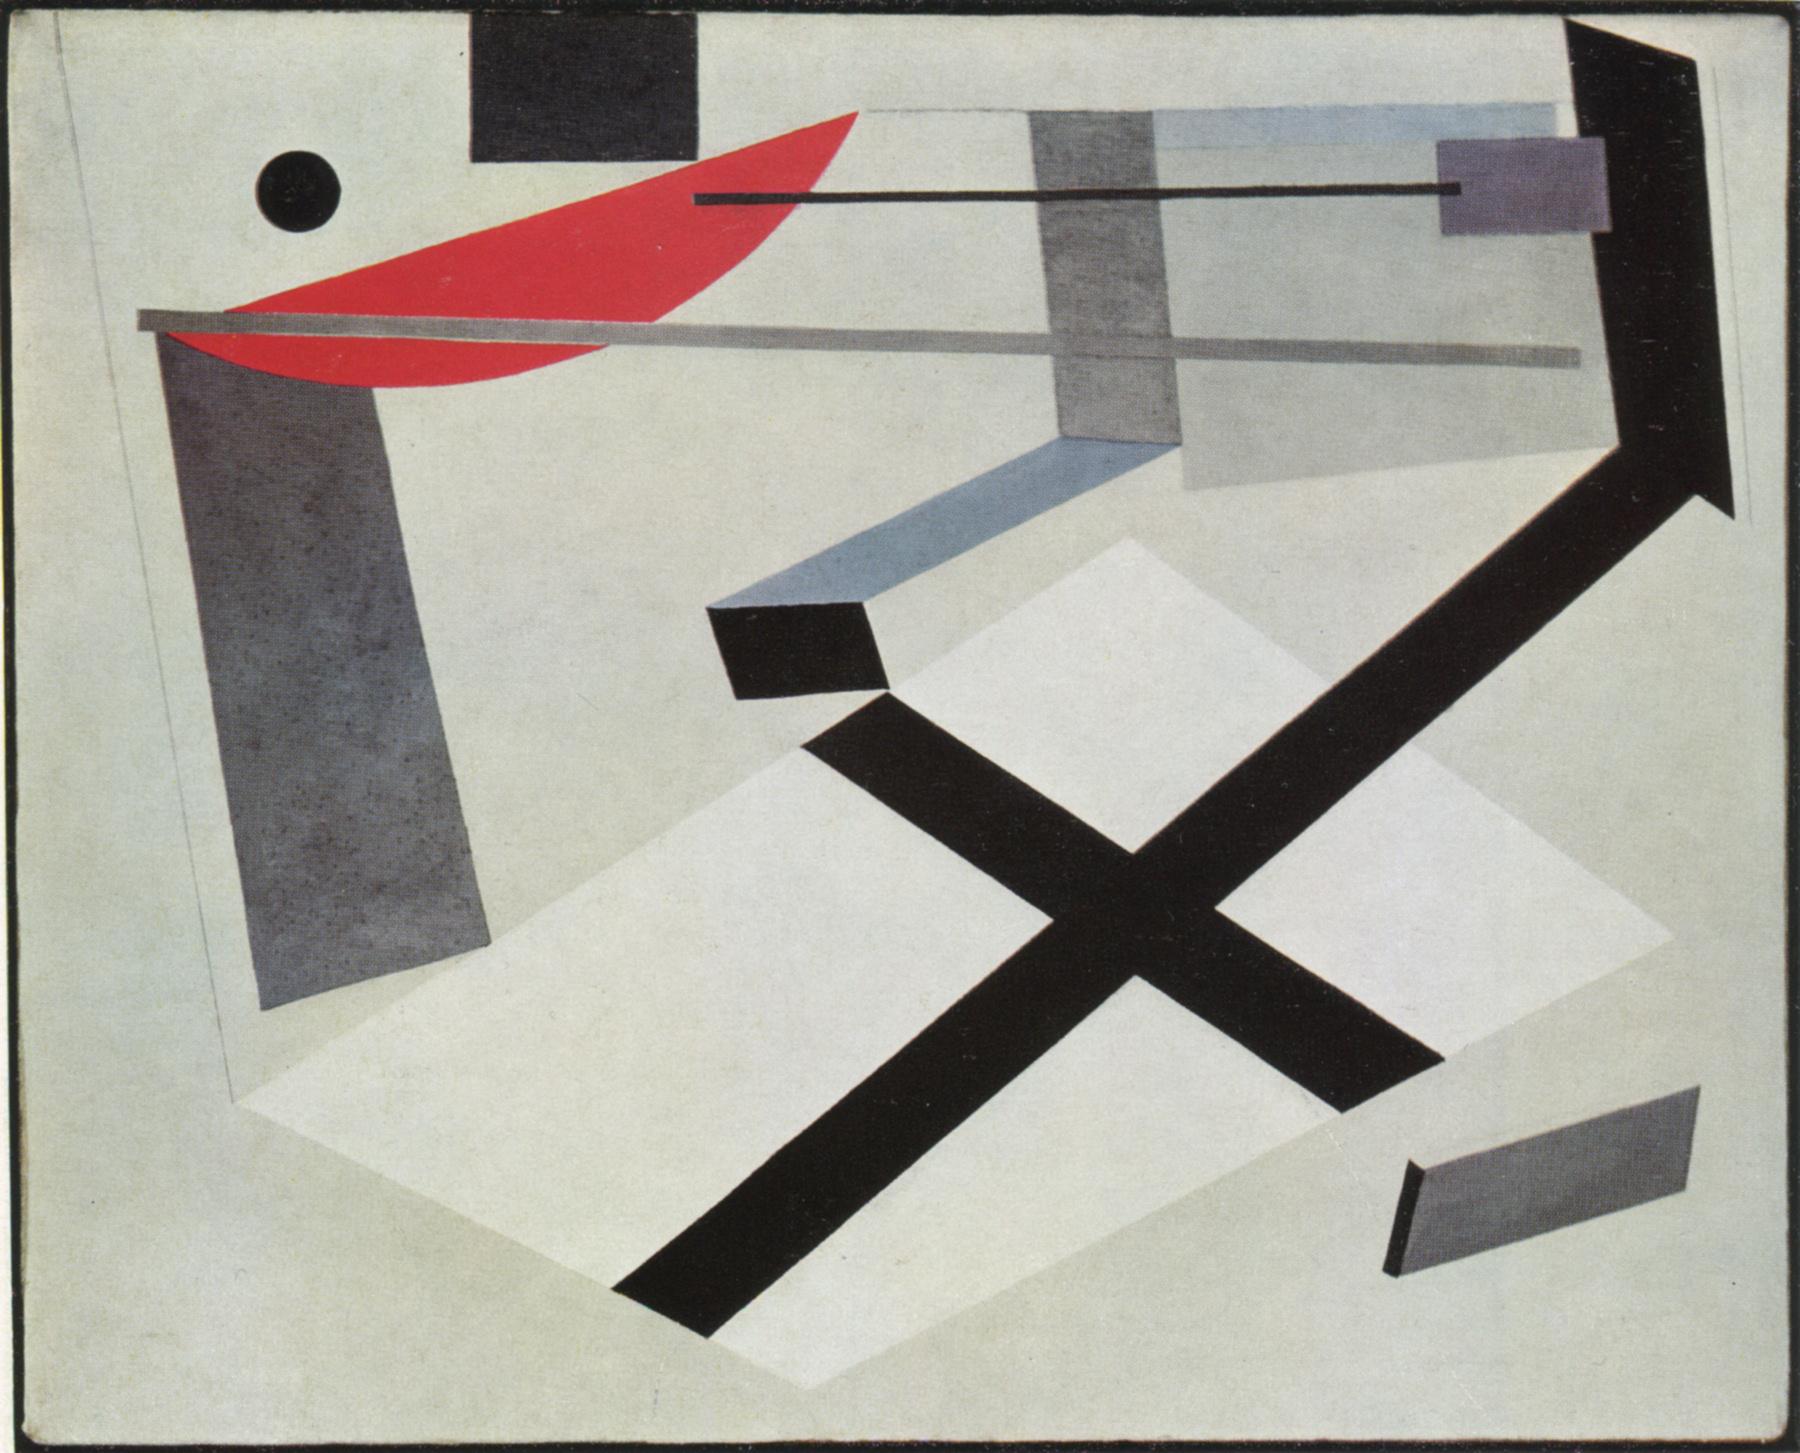 Proun 30 T - El Lissitzky - WikiArt.org